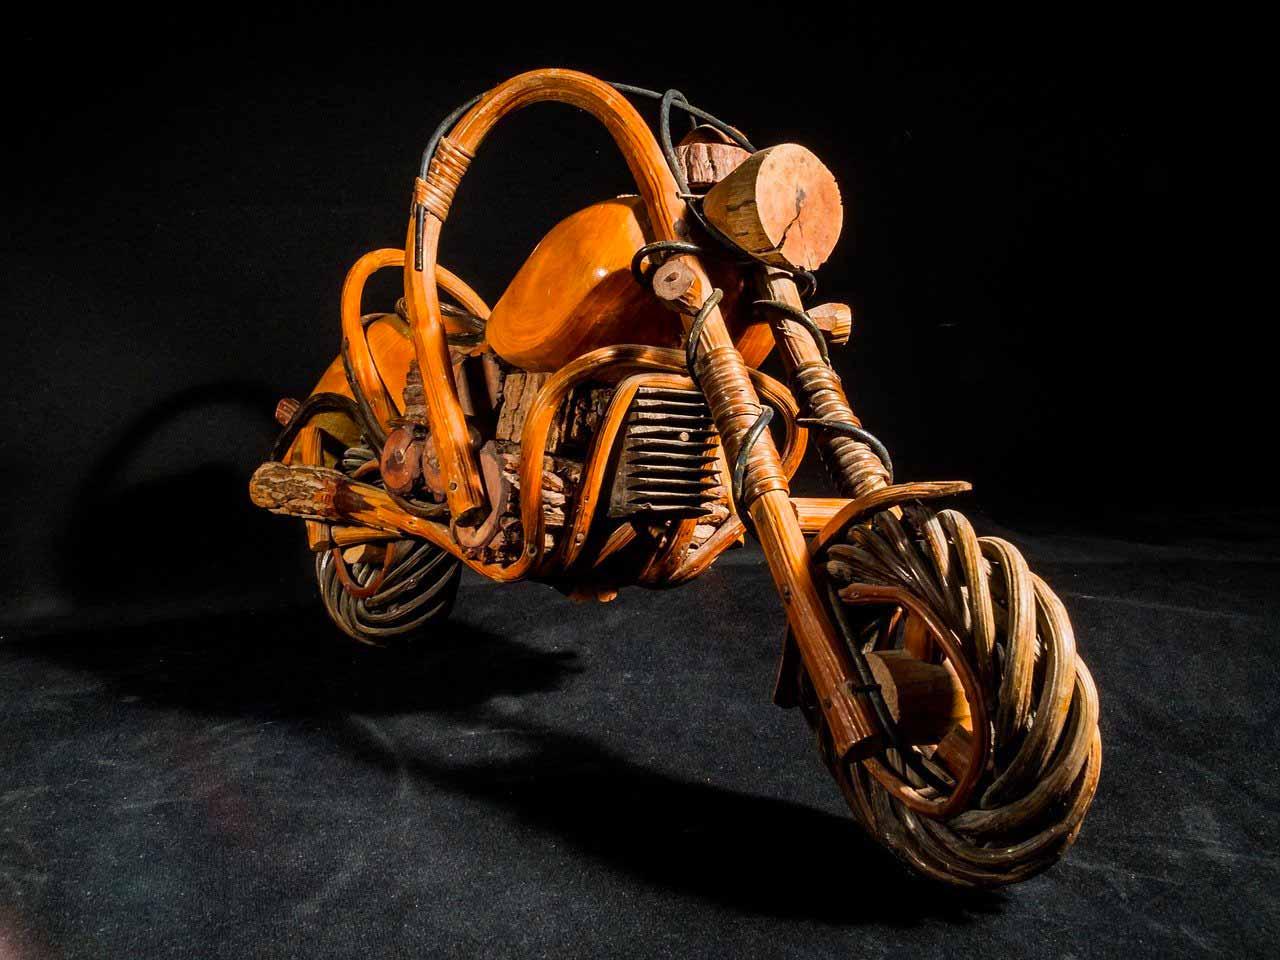 La photo d'une moto en bois